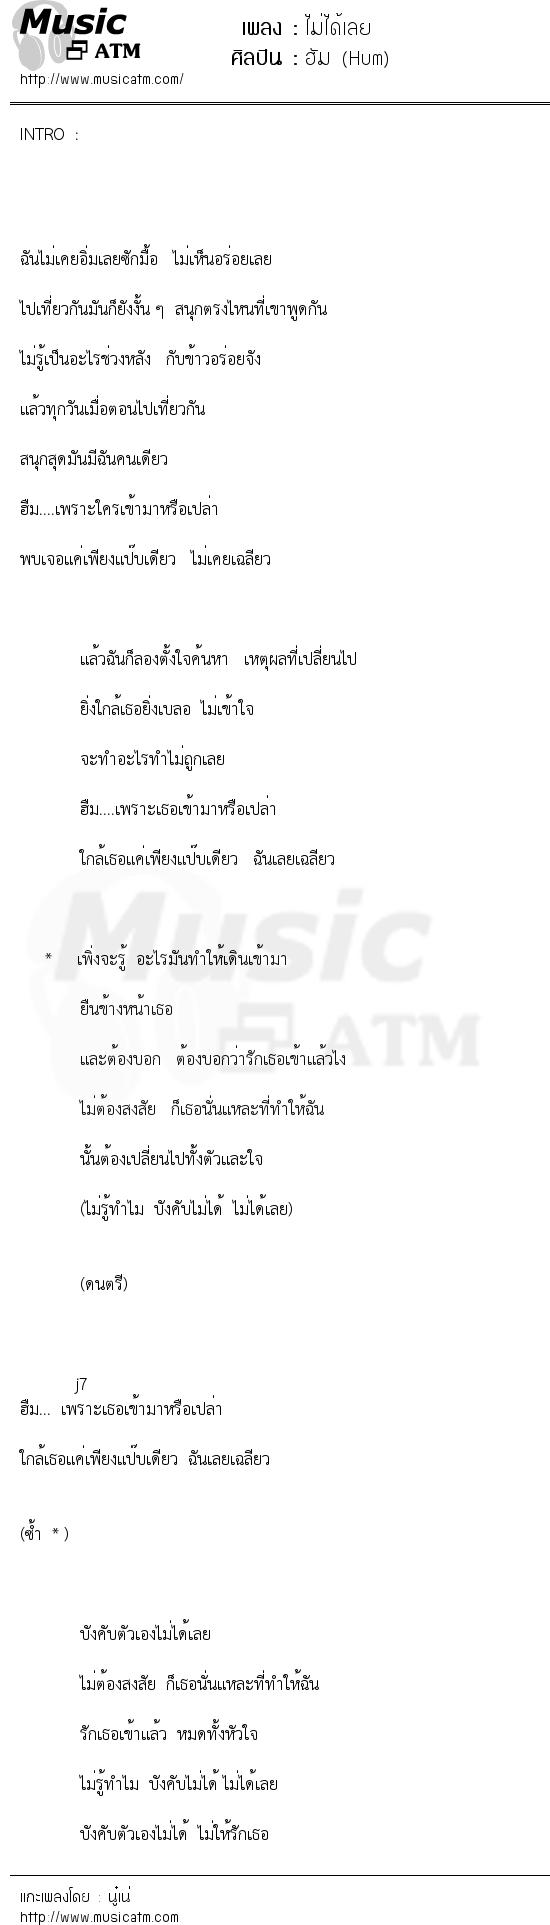 เนื้อเพลง ไม่ได้เลย - ฮัม (Hum) | เพลงไทย